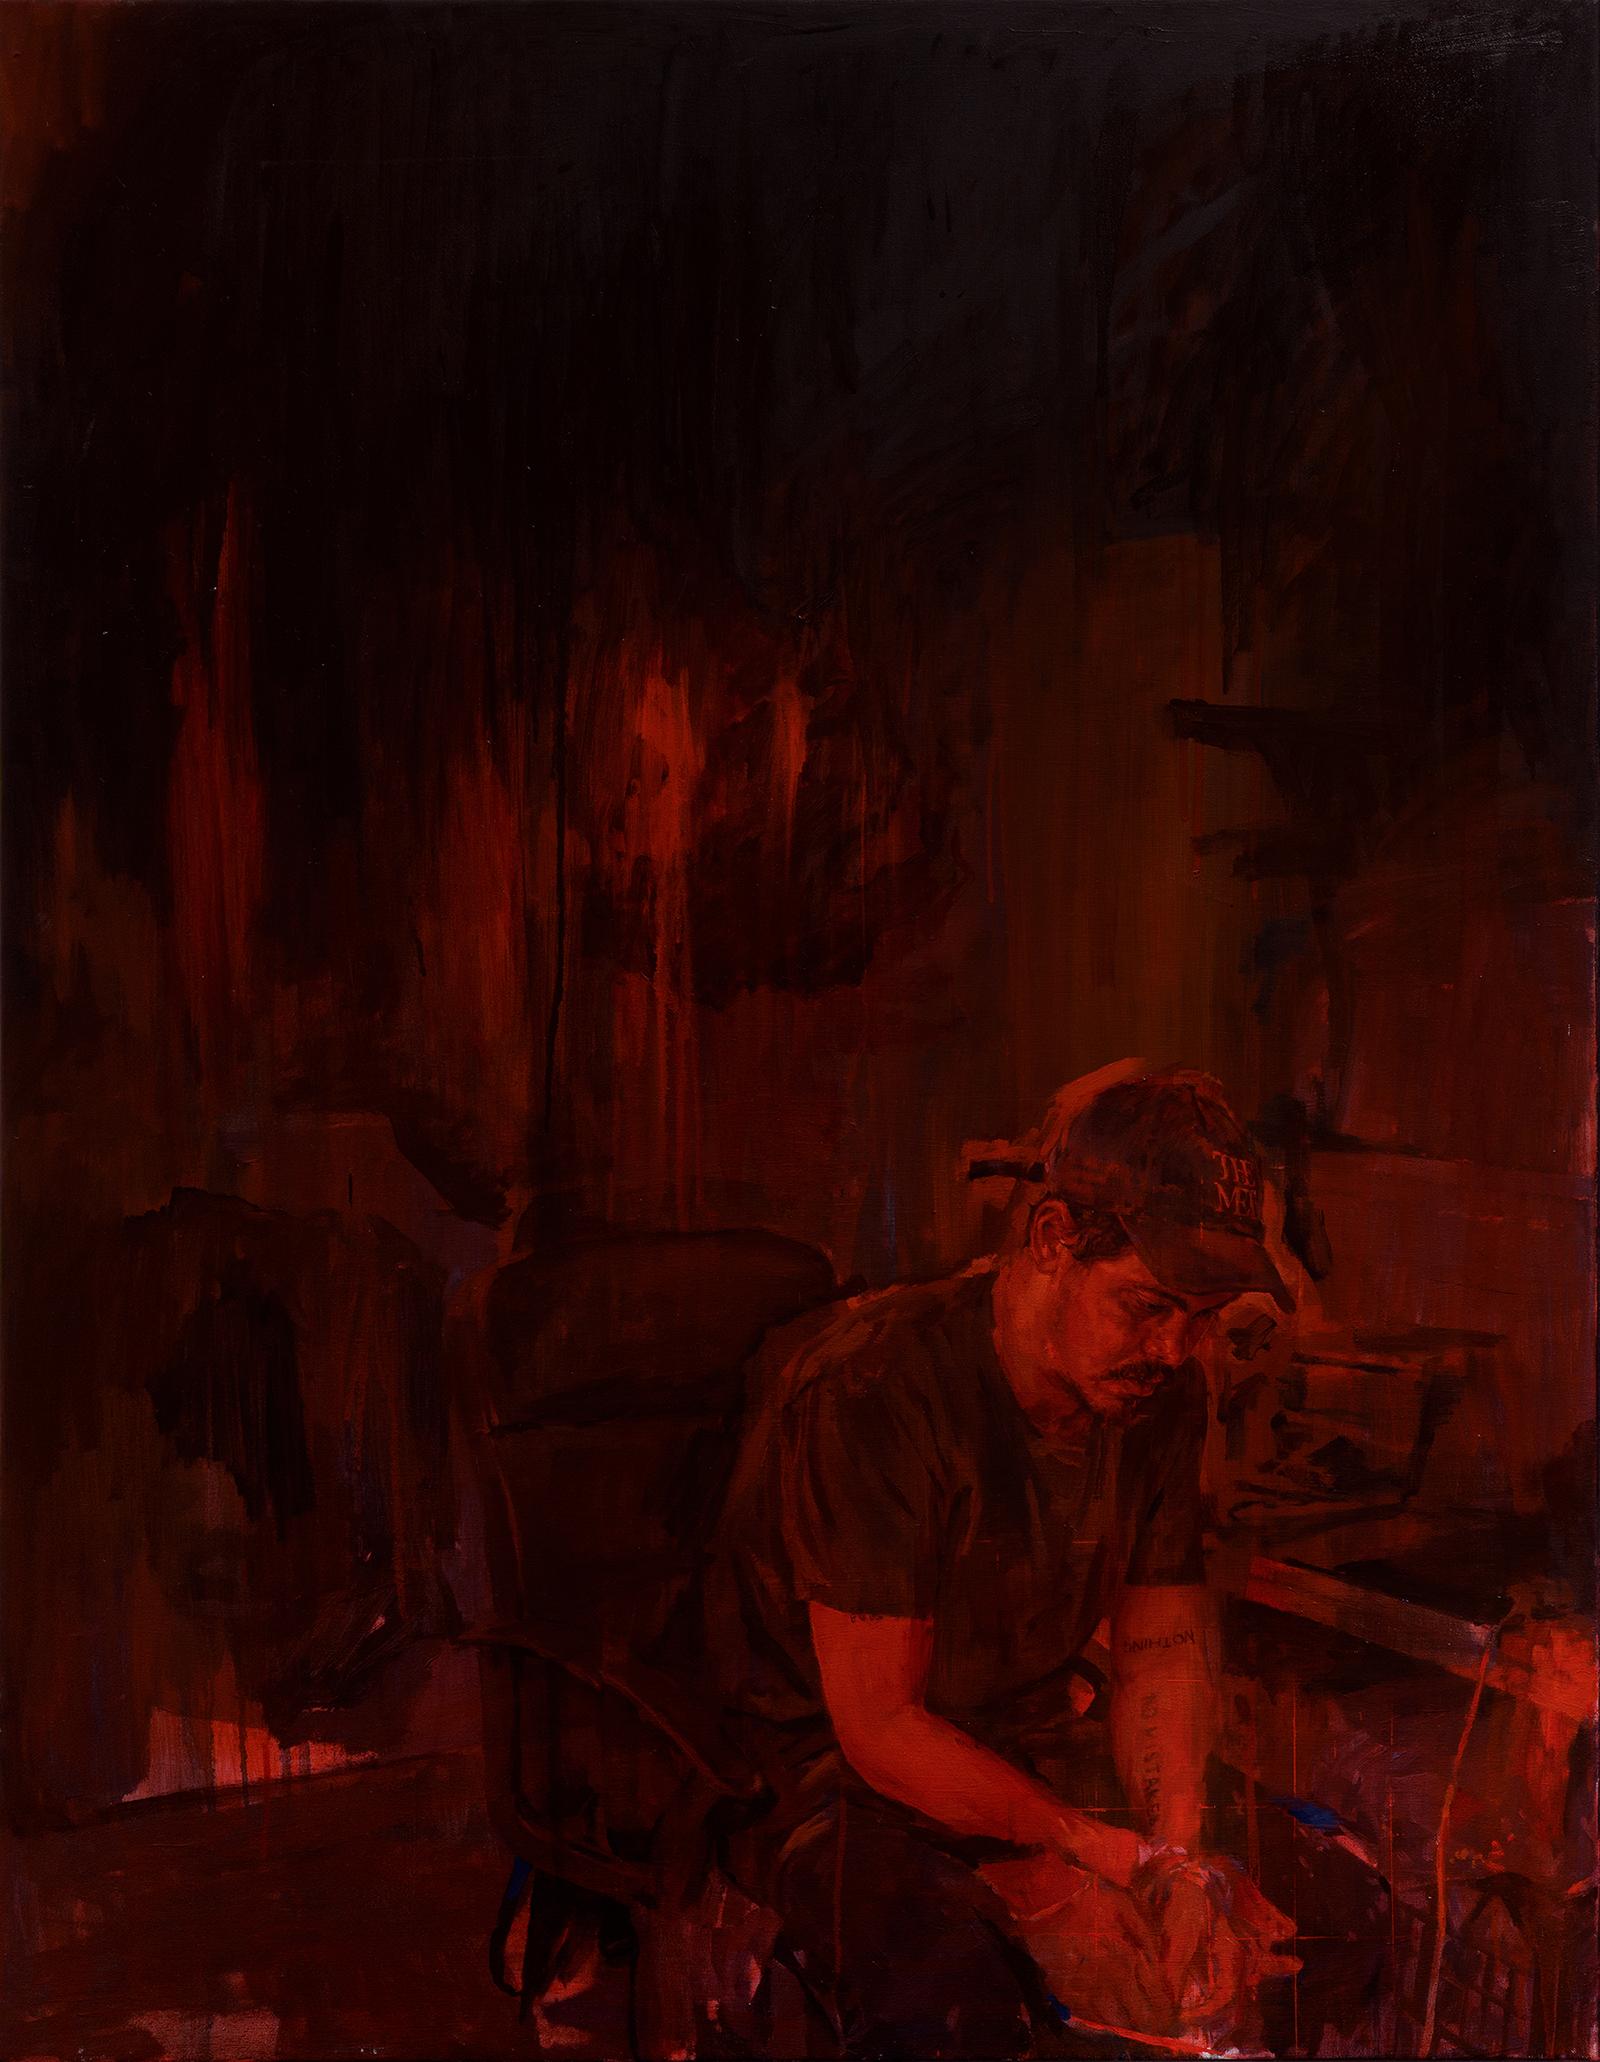 Abdul, oil on canvas, 160 x 110 cm, 2018